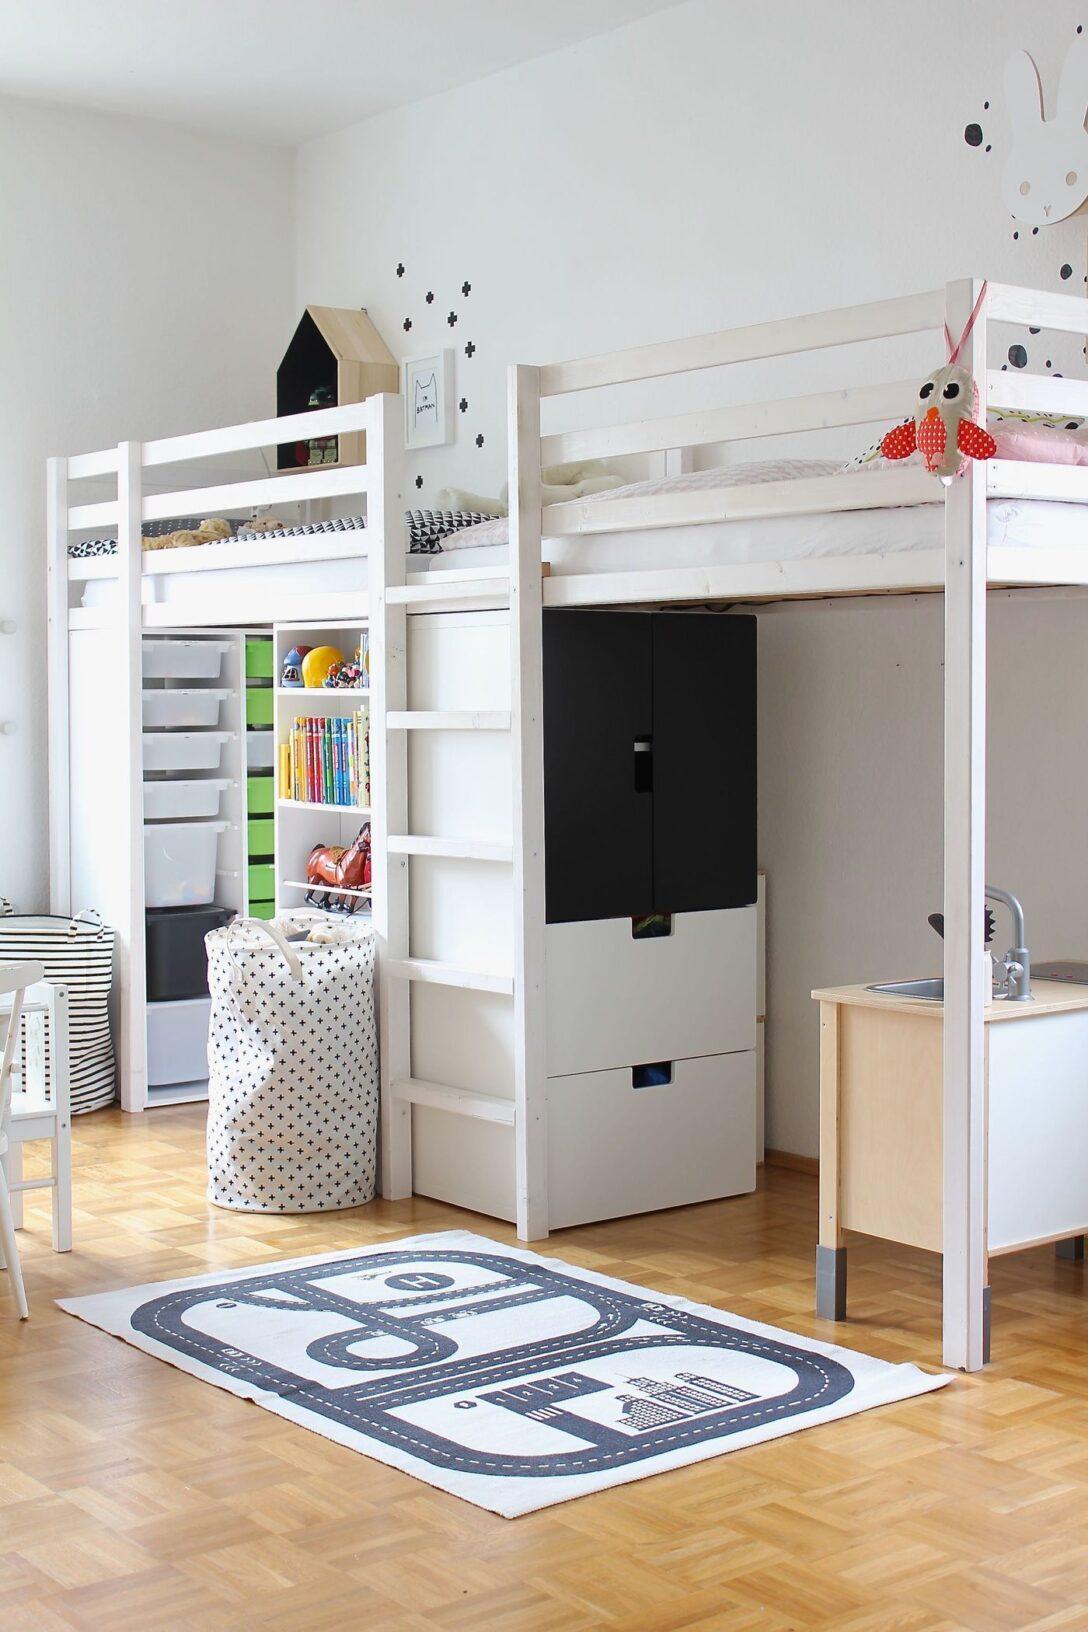 Large Size of Kinderzimmer Eckschrank Ideen Fr Das Ikea Stuva Einrichtungssystem Bad Regal Weiß Regale Sofa Küche Schlafzimmer Wohnzimmer Kinderzimmer Eckschrank